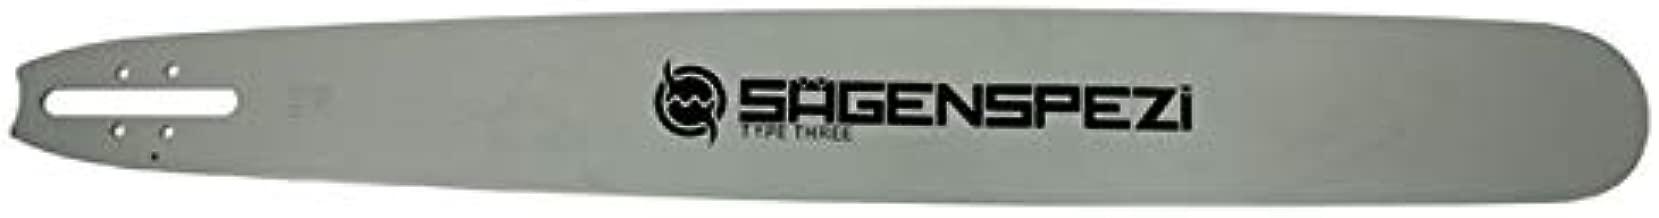 90cm S/ägenspezi Schwert-Set Solid Laser mit 2 Vollmei/ßelketten .404 104TG 1,6mm passend f/ür Stihl 070 090 AV Contra 070AV 090AV